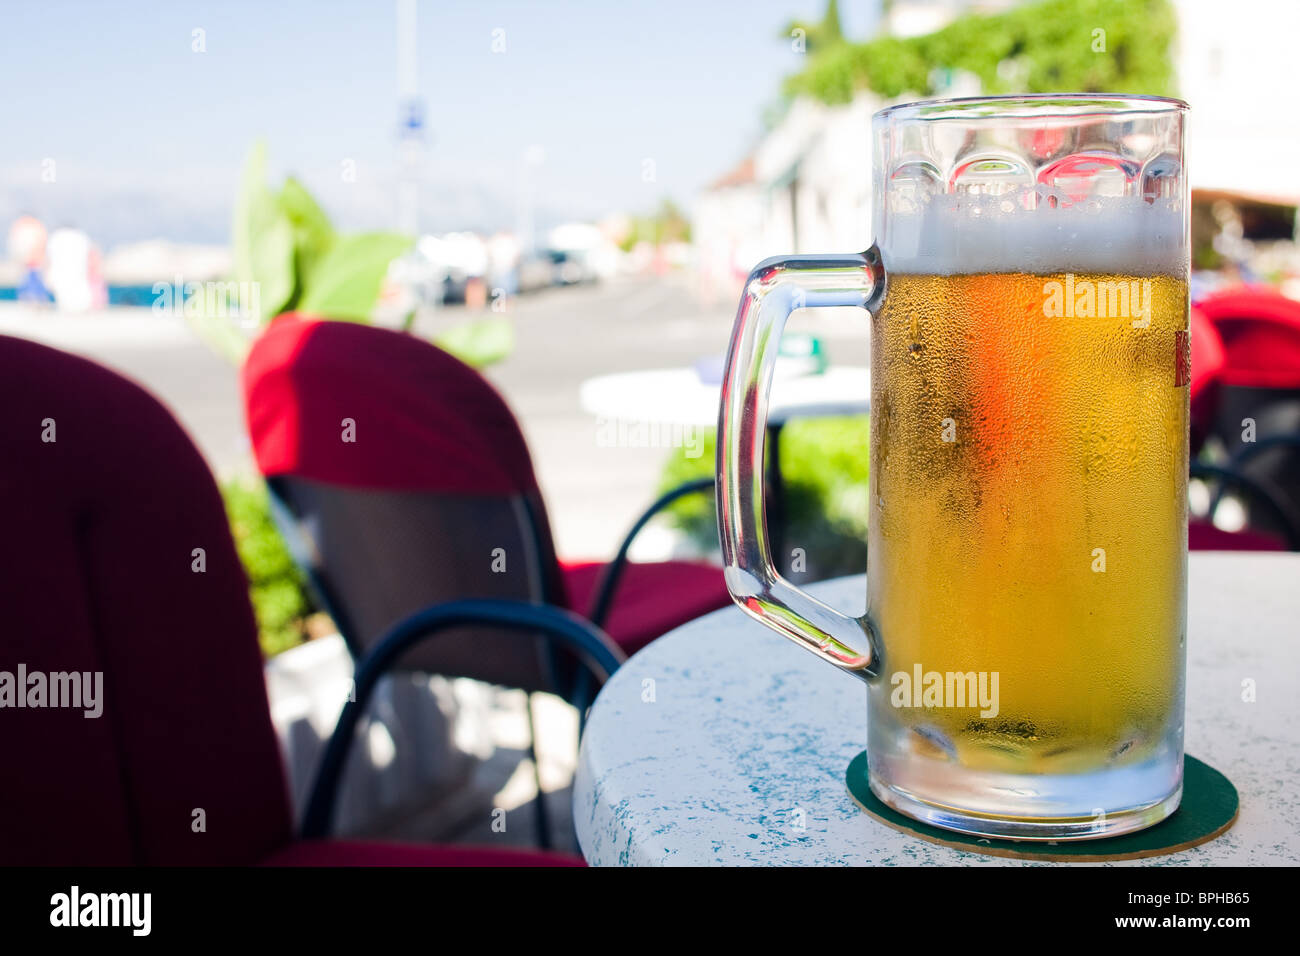 Bierkrug auf dem Tisch Stockbild